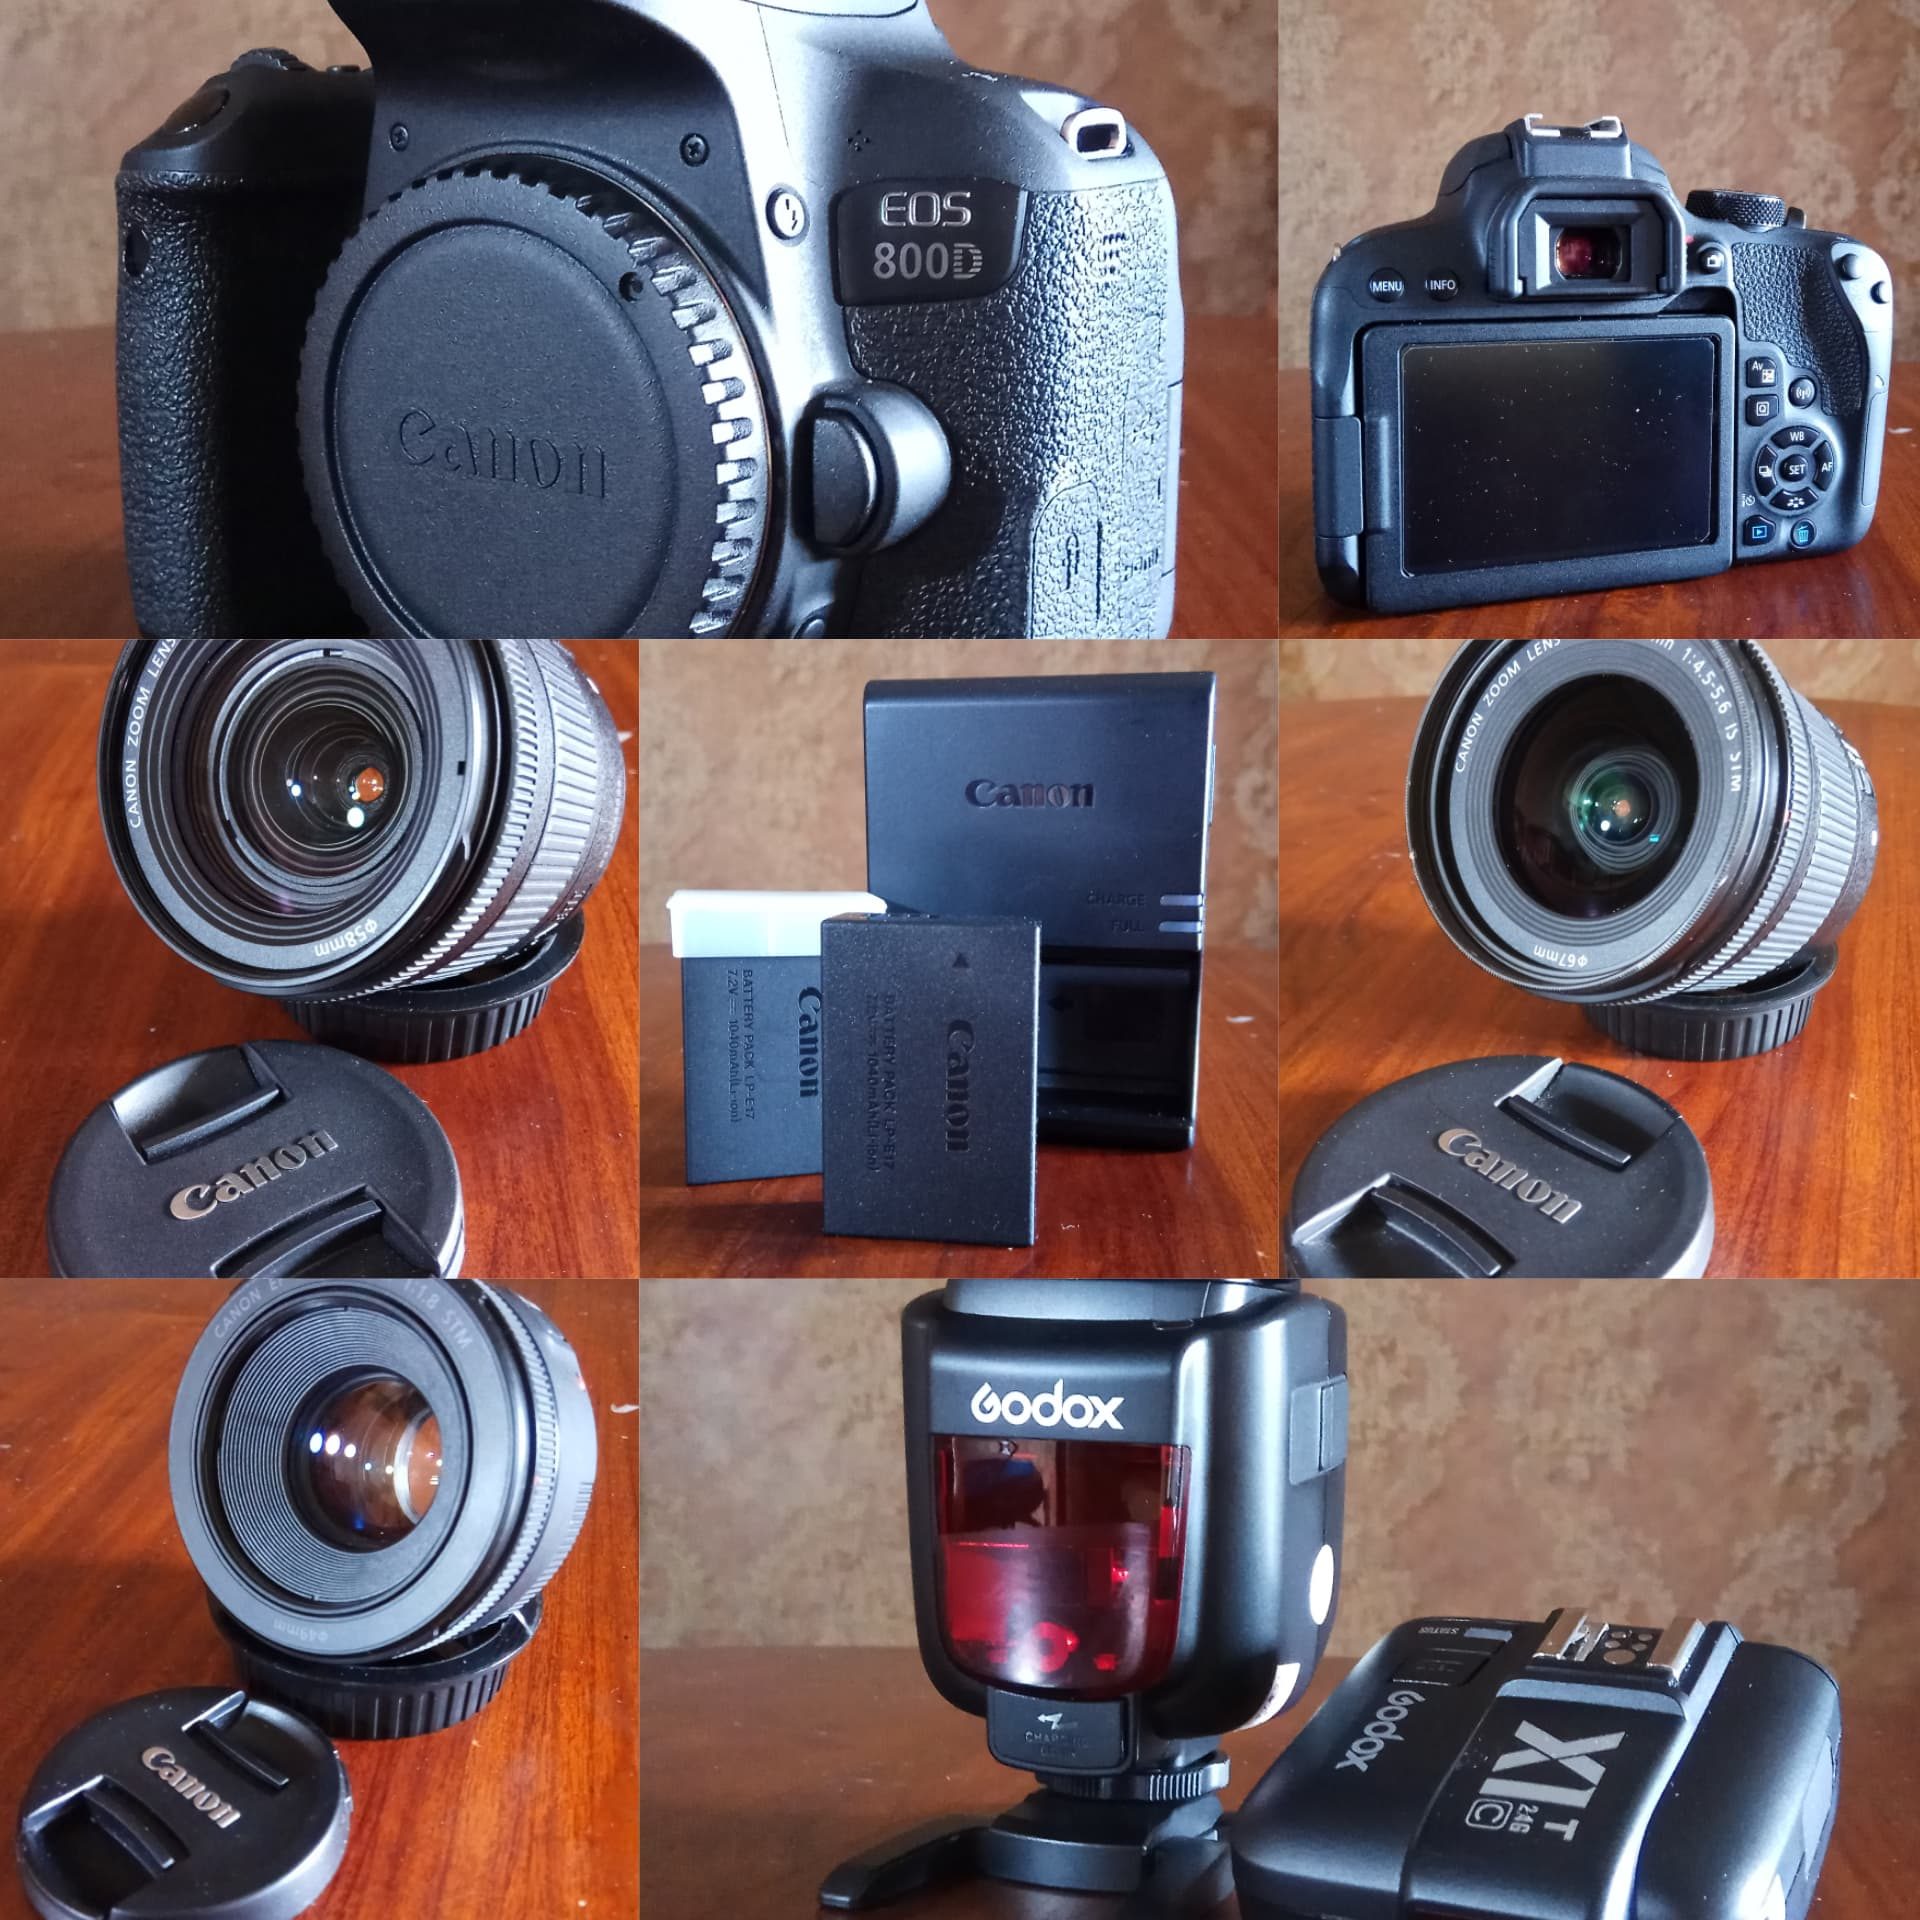 Jual Canon EOS 800D + 3 Lensa + 2 batre ori + flash + trigger